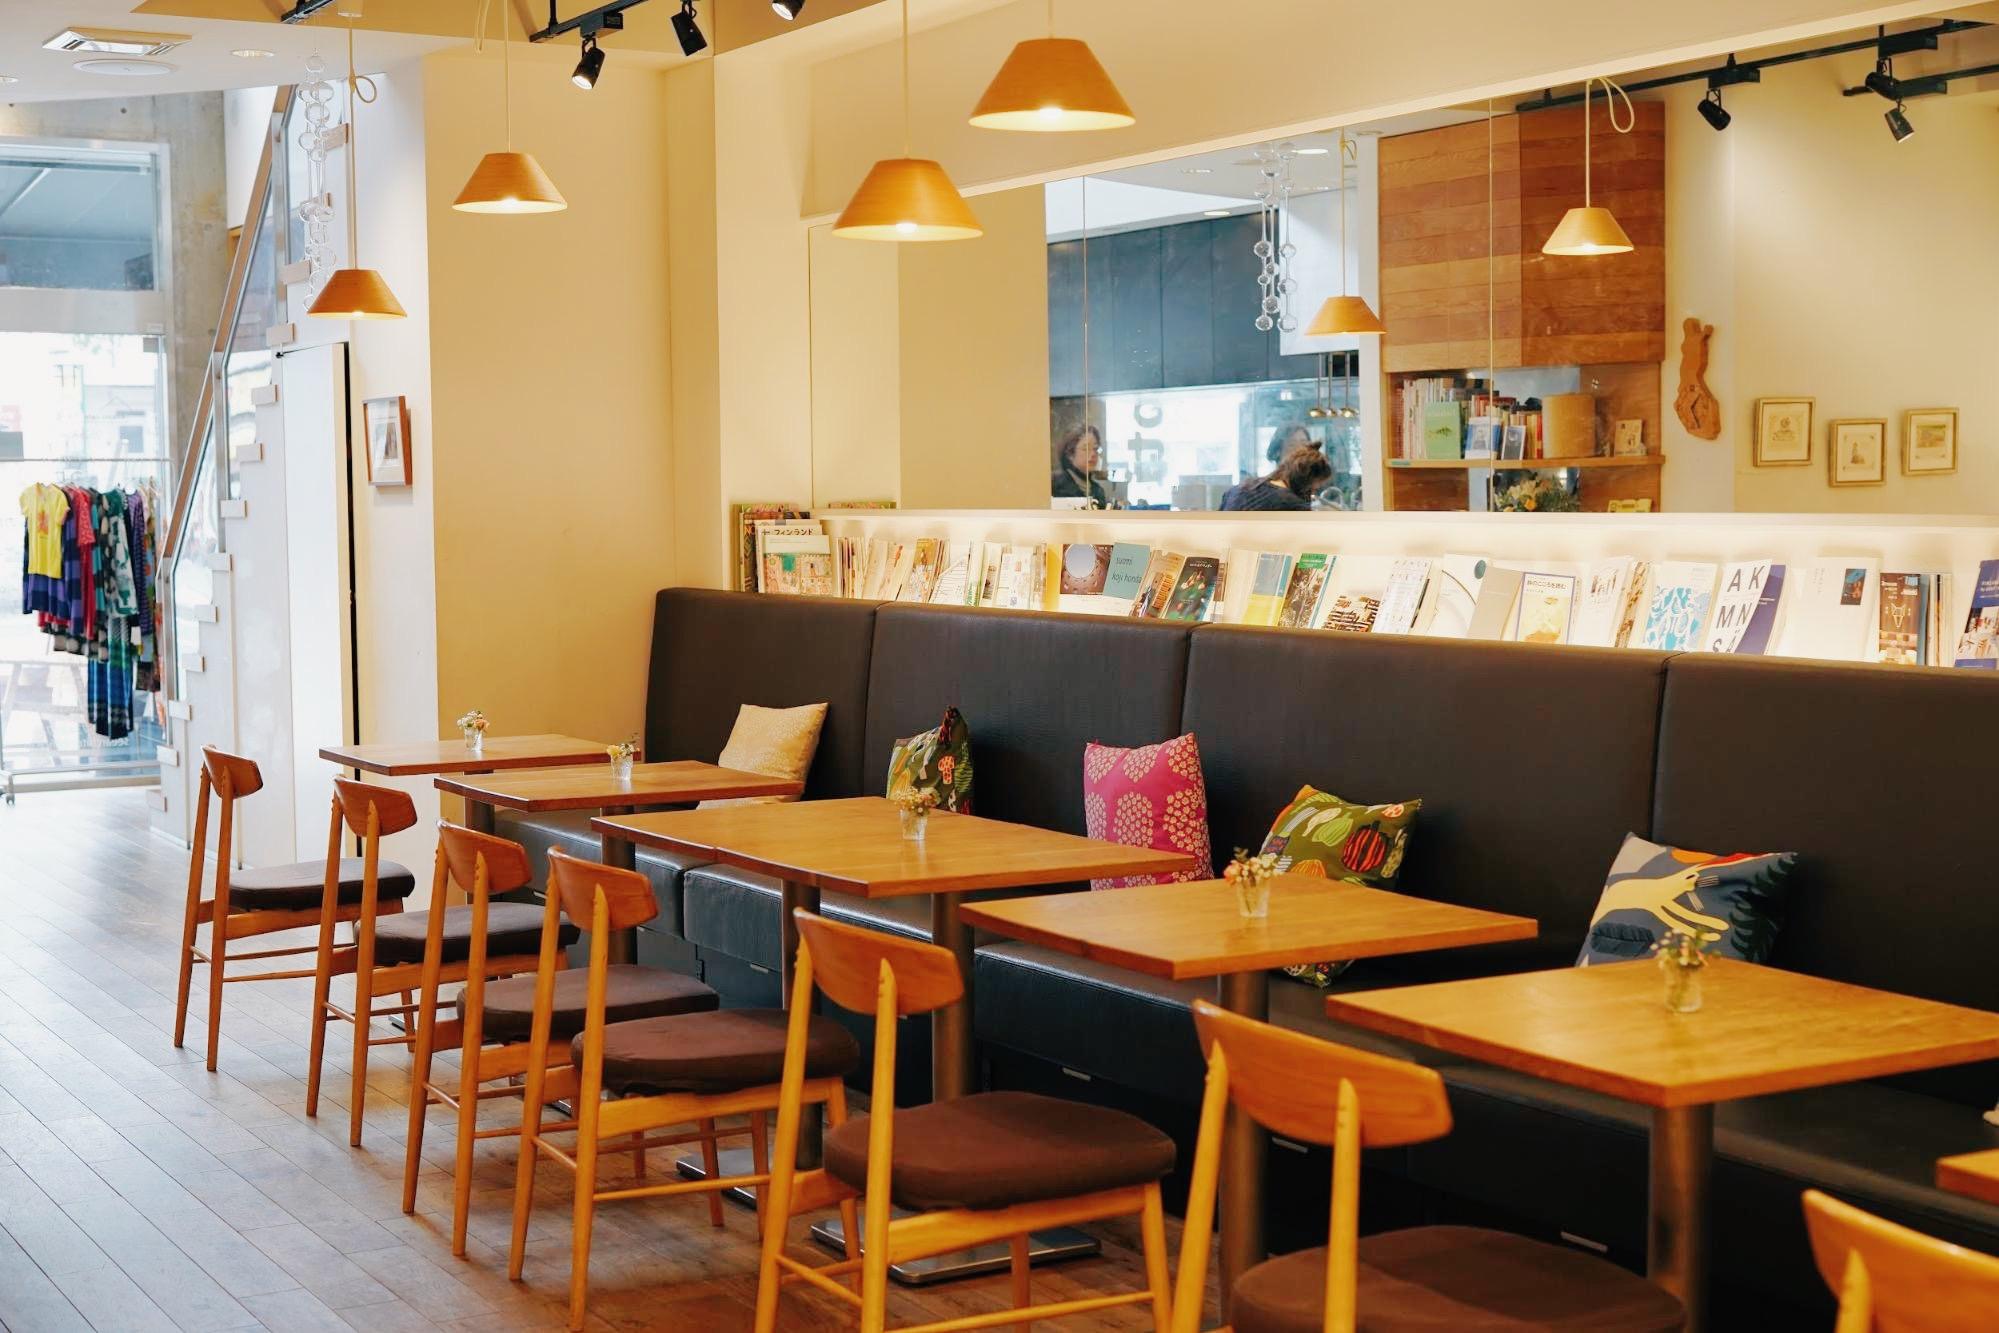 「ただいま」って言いたくなったら。通うほどに心地よくなるブックカフェ『kokoti cafe』 - image6